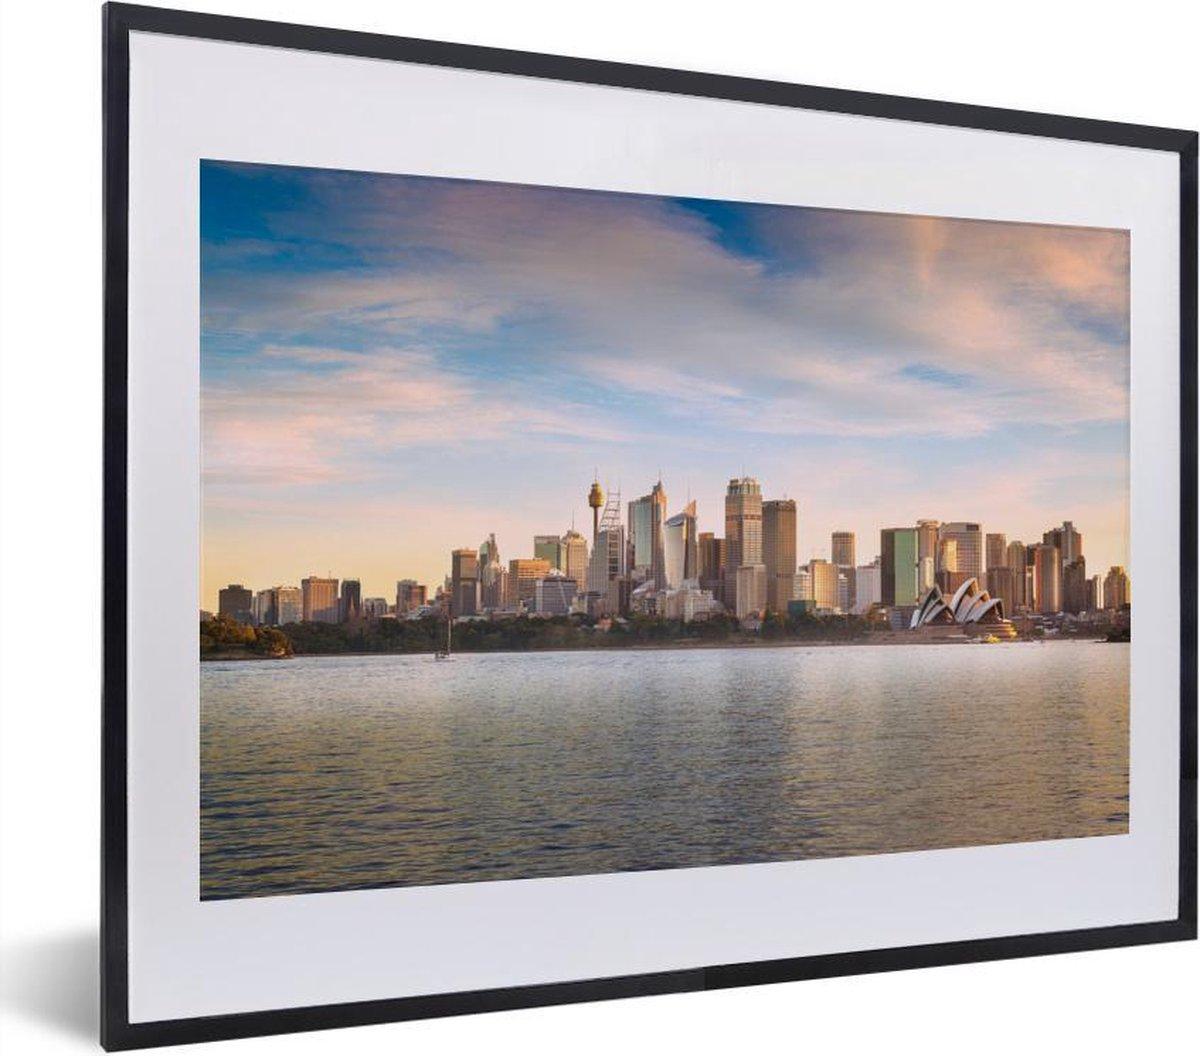 Poster met lijst Sydney - Skyline van Sydney met witte wolken in Australi  fotolijst zwart met witte passe-partout - fotolijst zwart - 40x30 cm - Poster met lijst